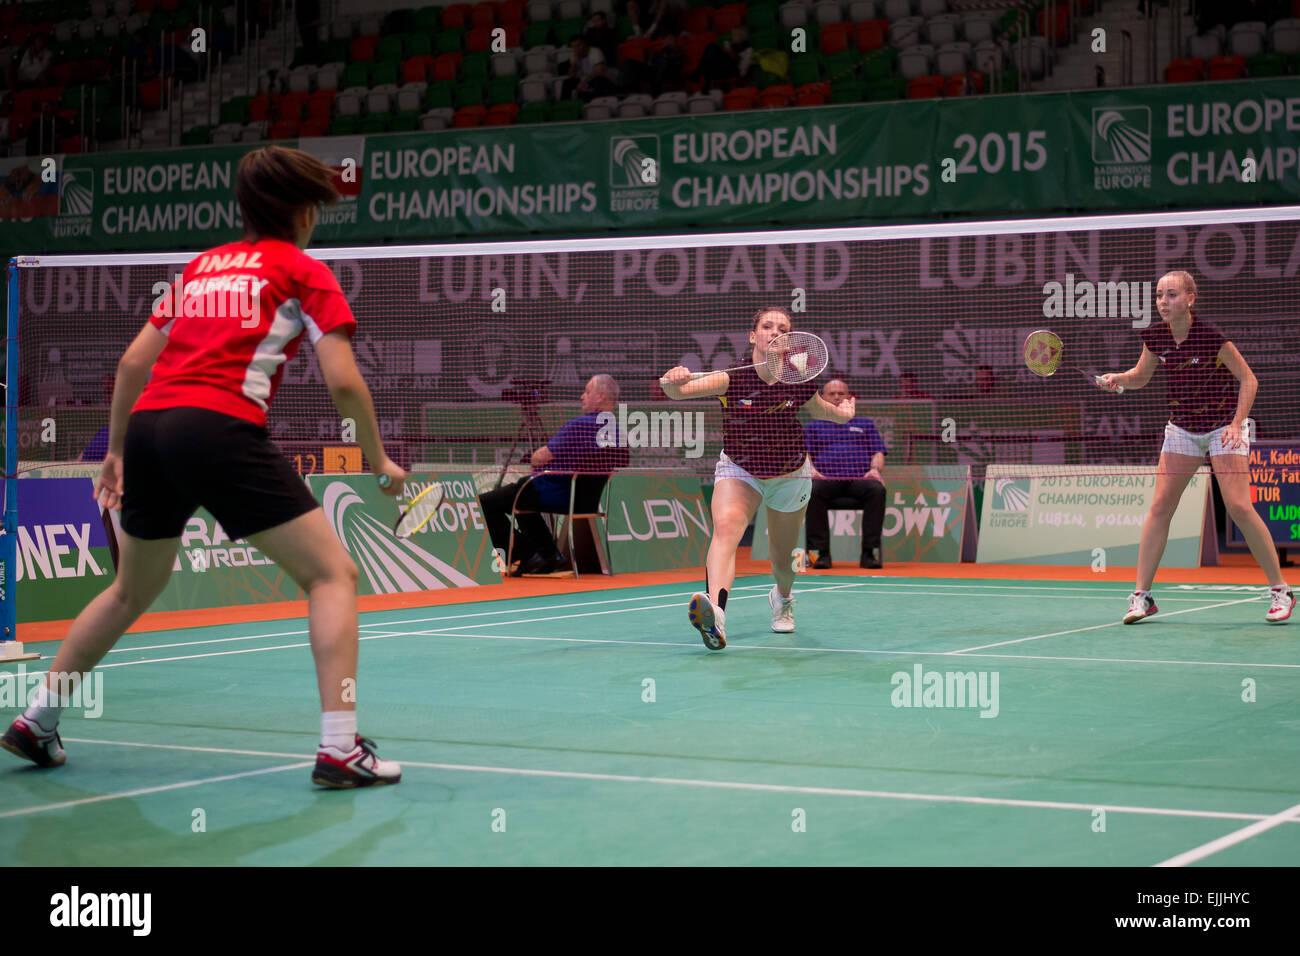 Lubin, Polonia. 27 Mar, 2015. Team nel torneo di badminton durante Campionati Europei Junores 2015. Corrispondenza Immagini Stock